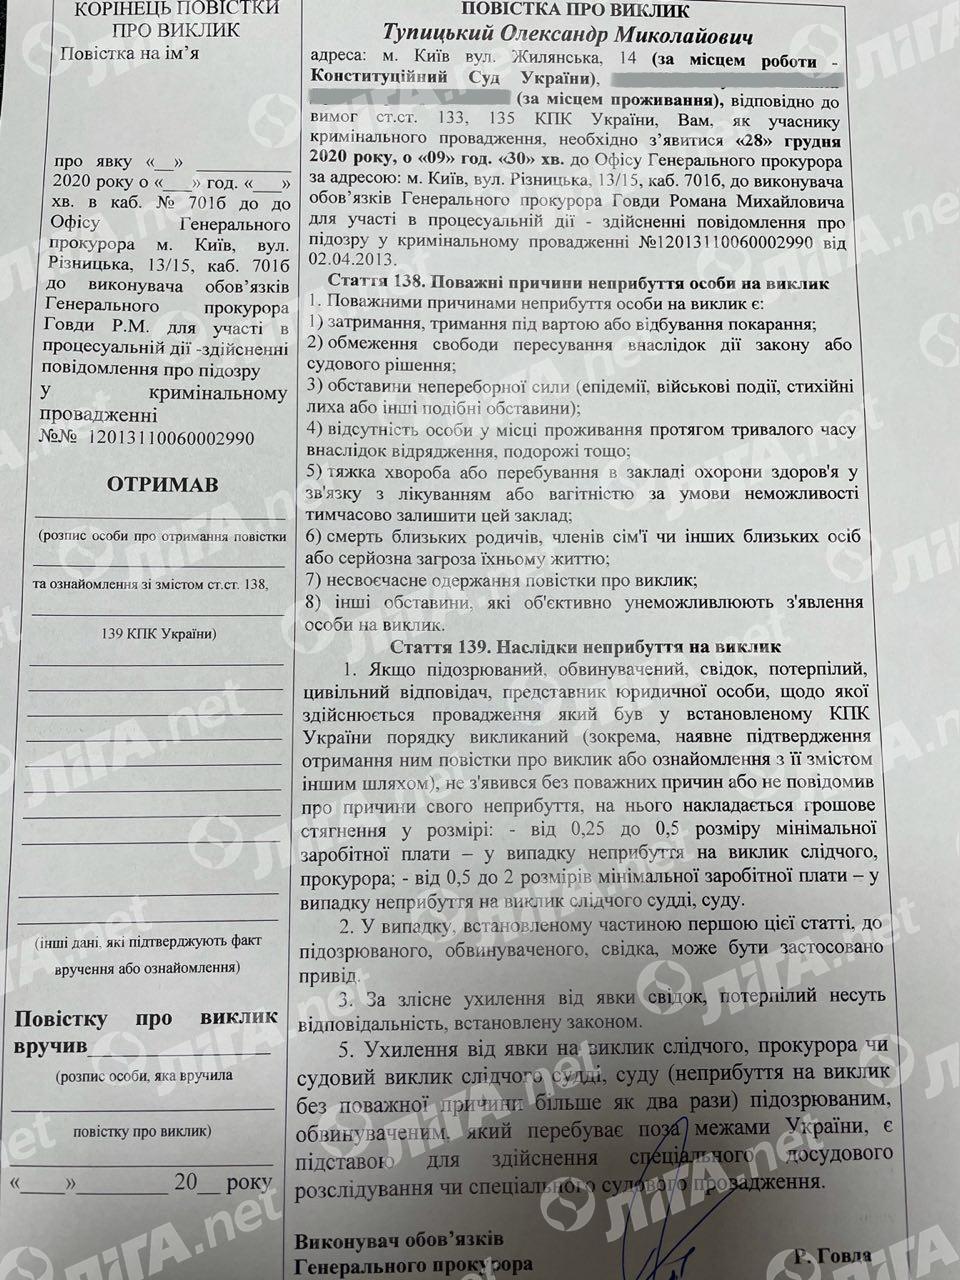 Главу КСУ Тупицкого вызывают для вручения подозрения – документ